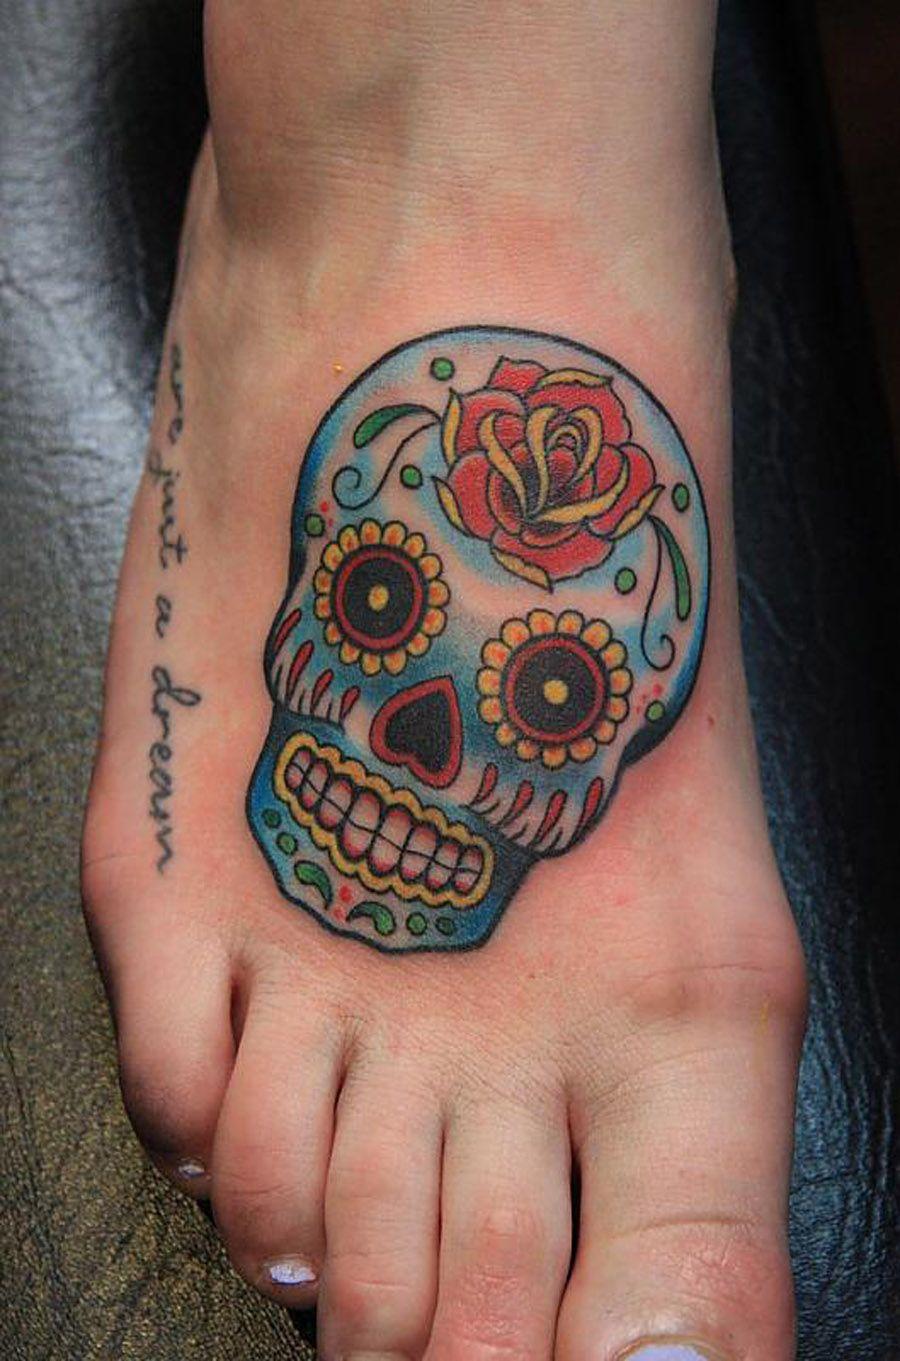 28d6bdf98df73 Small Sugar Skull Tattoo: The Popular Tattoo Design - American ...